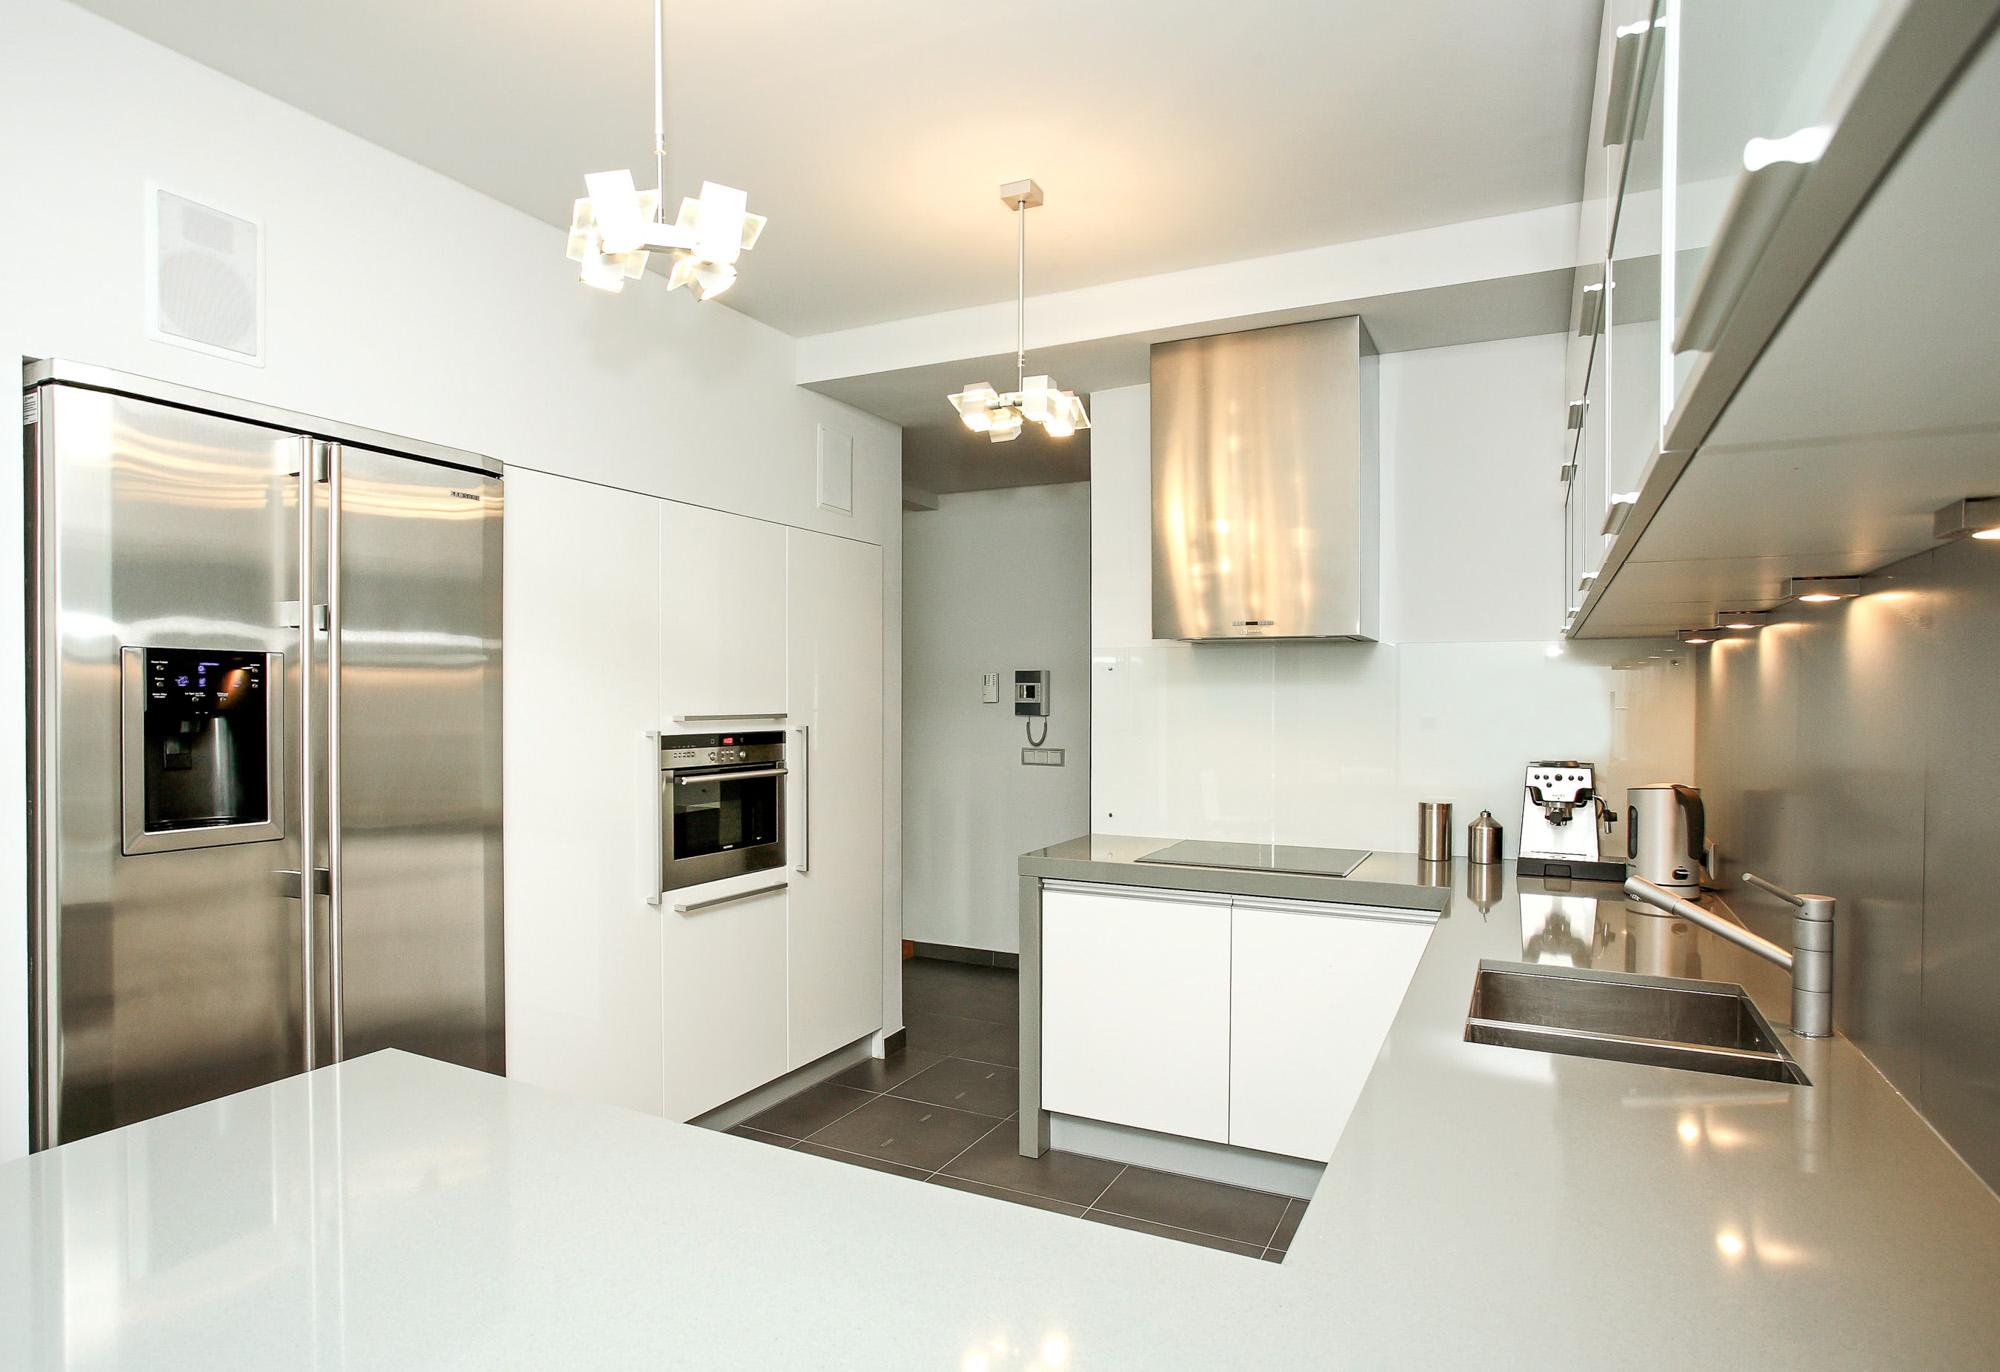 Baum Centrum  meble kuchenne kraków, kuchnie na wymiar   -> Kuchnia Meble Glogów